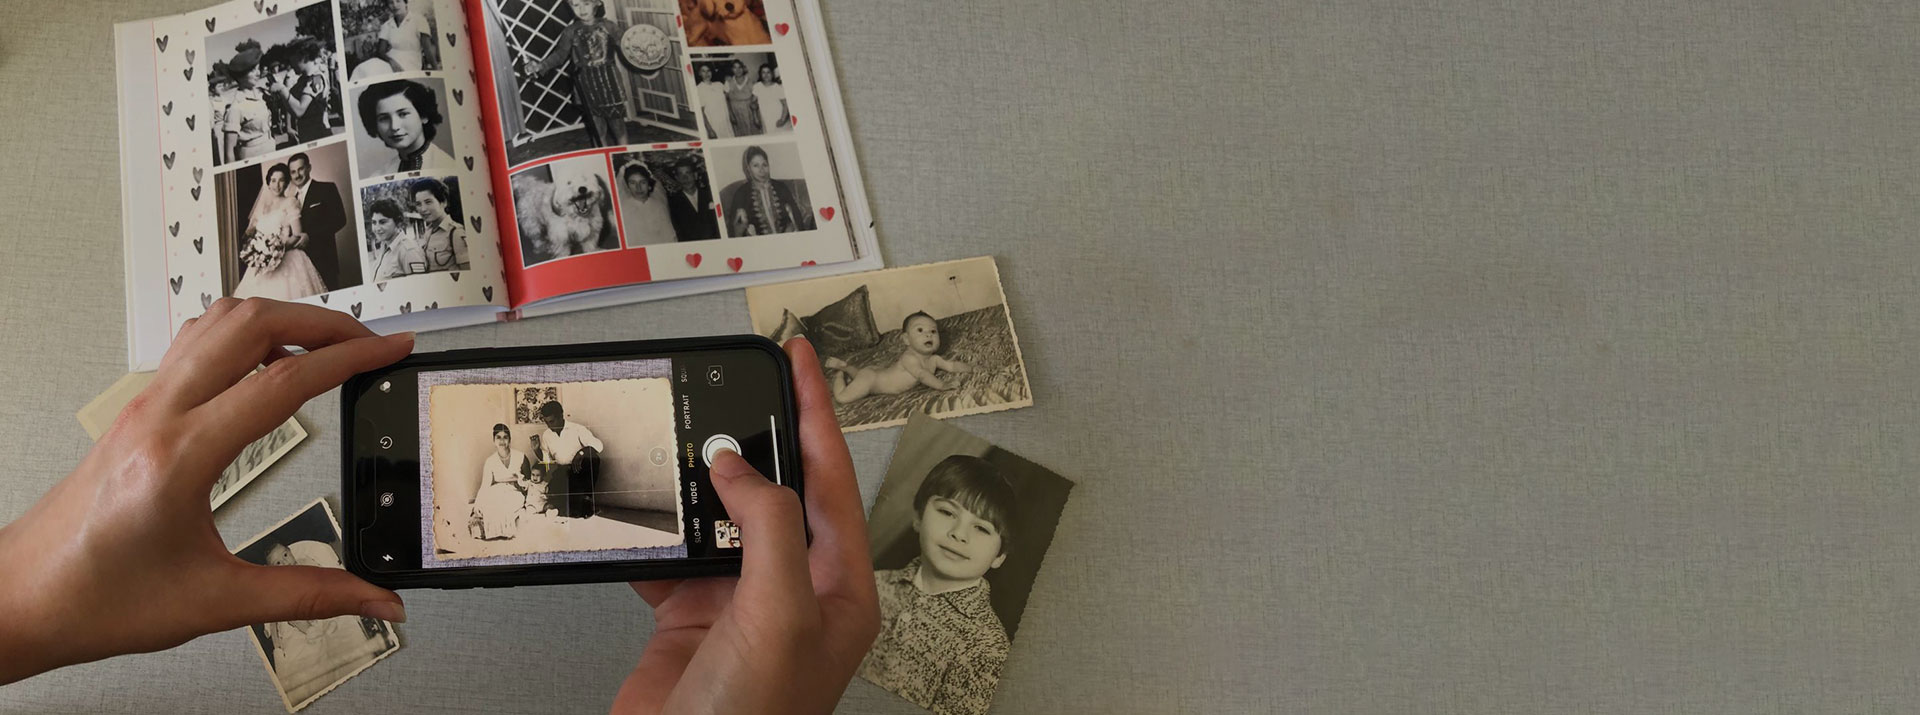 צילום ספר תמונות